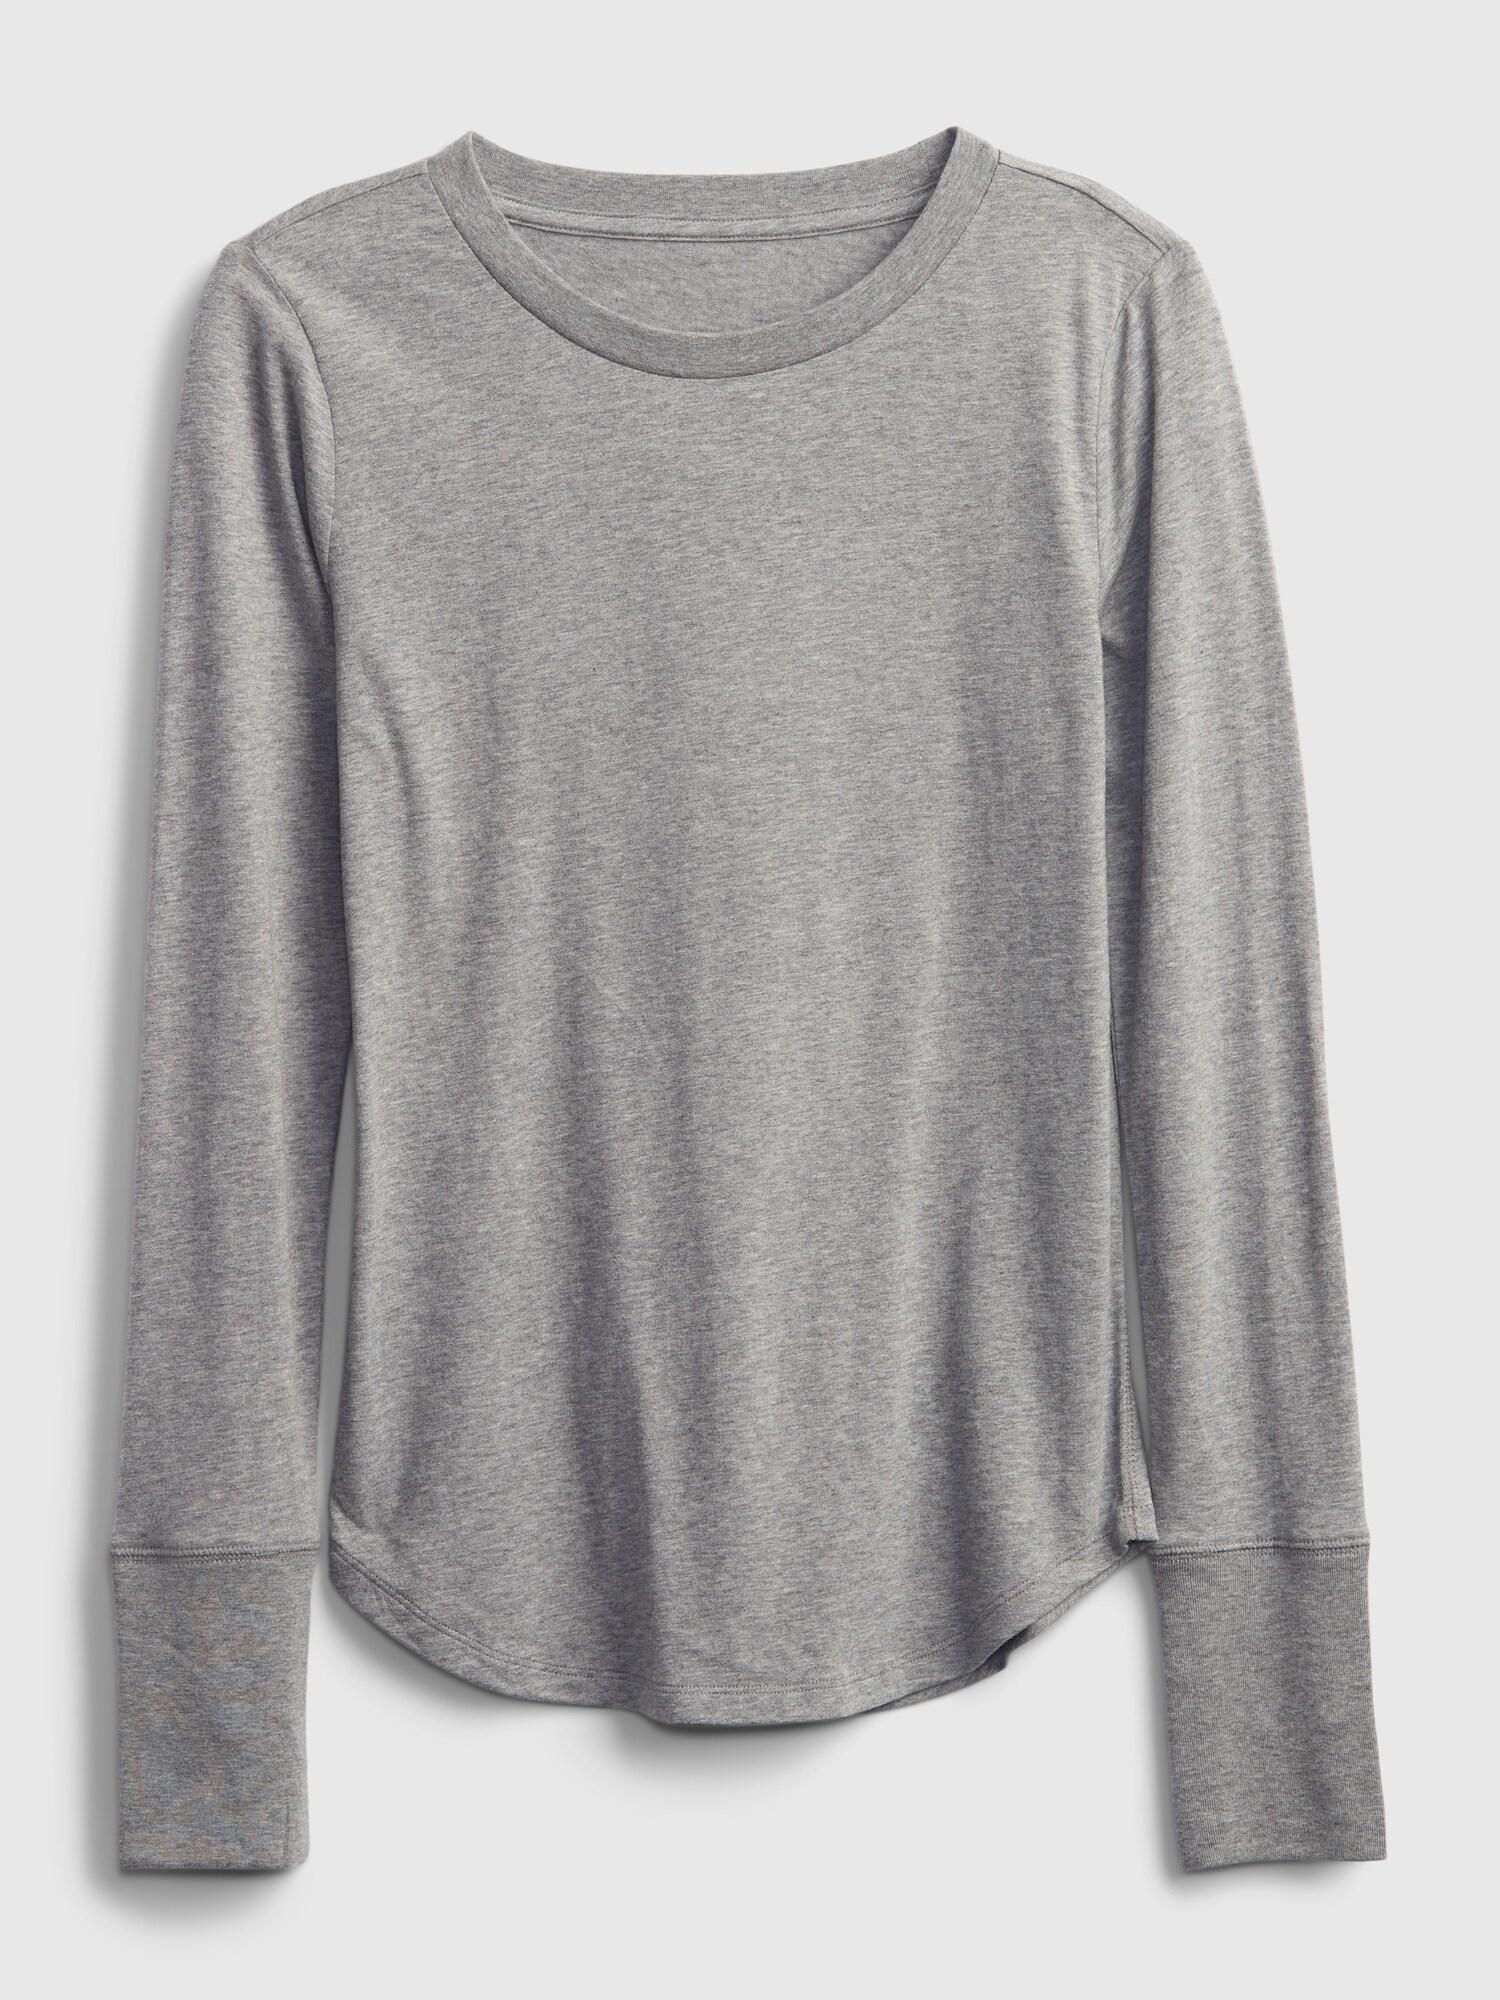 GAP Дамски тениски и потници сиво